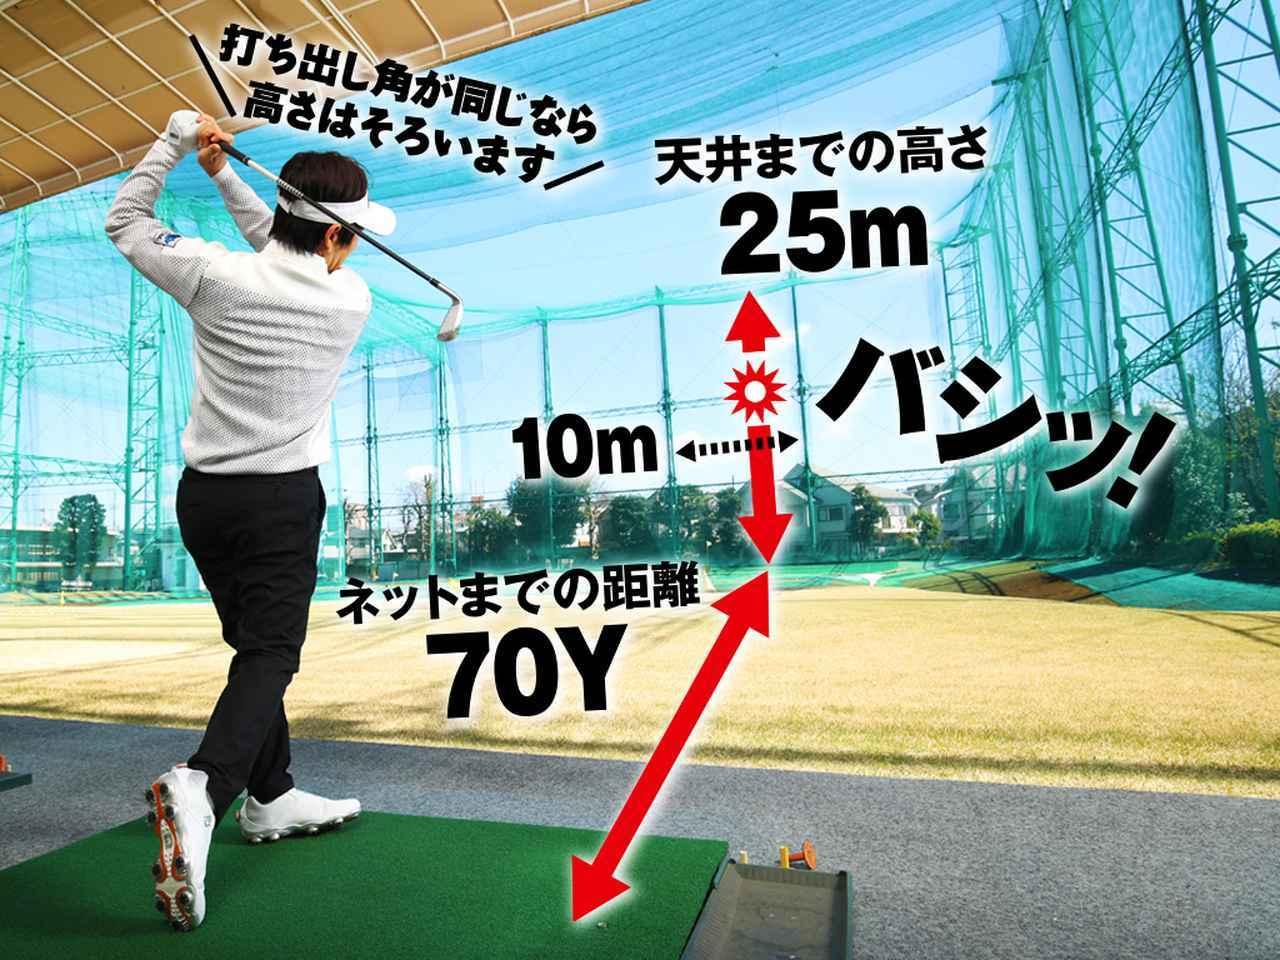 【アイアン】70ヤードの練習場で7番アイアンを打つと、どこに当たれば150ヤード? 高さを揃えて距離を診る練習術